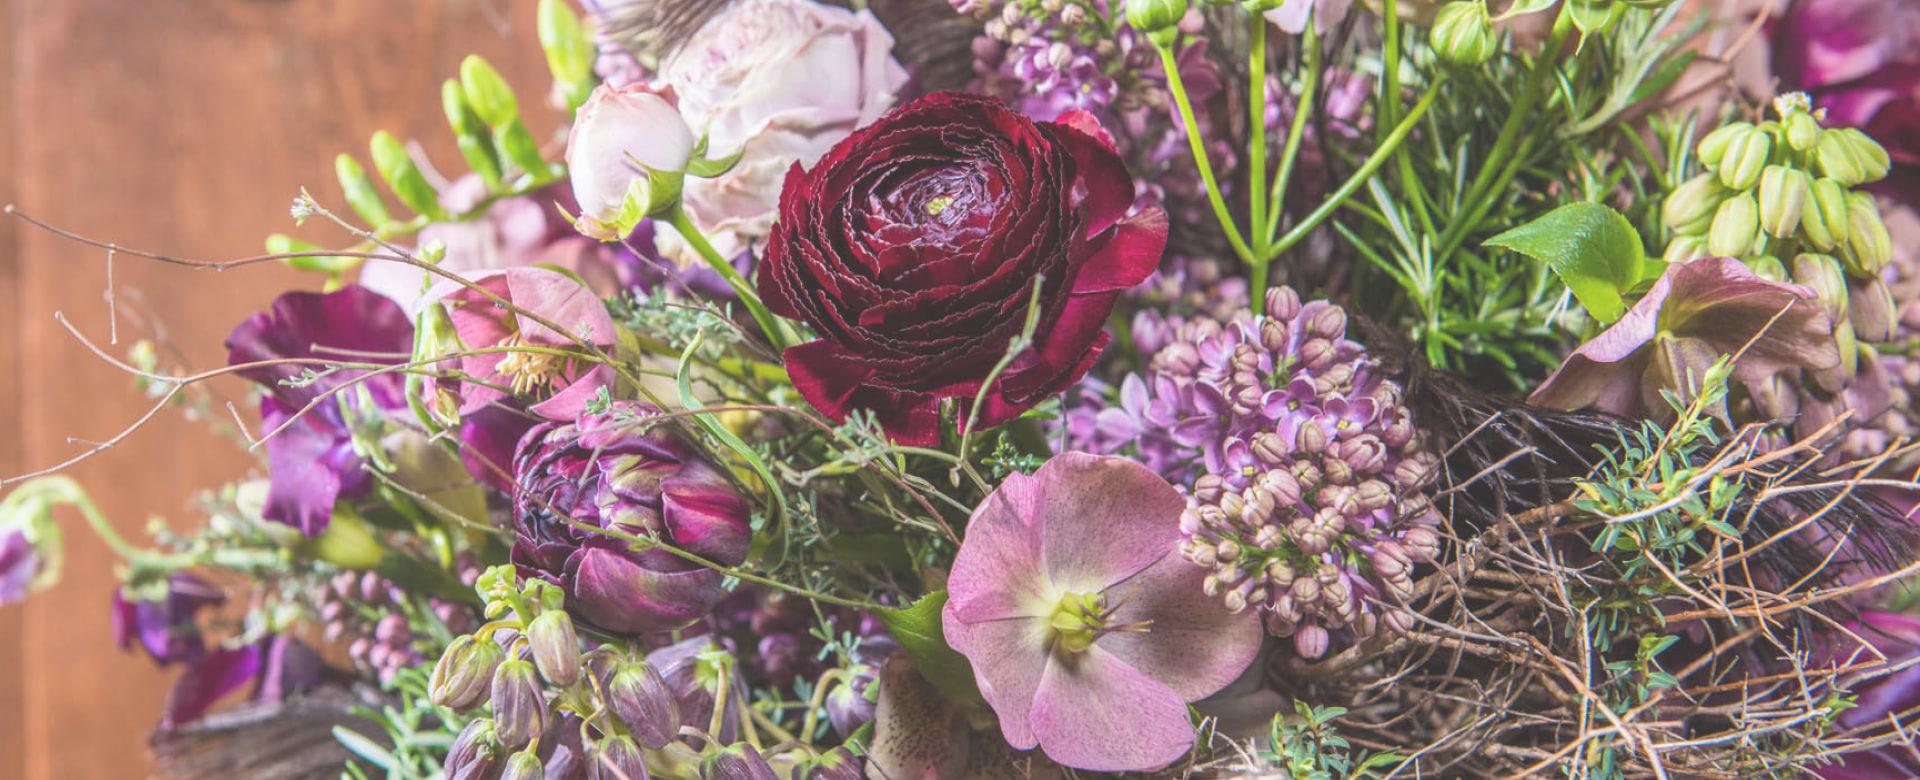 Blumengeschäft finden